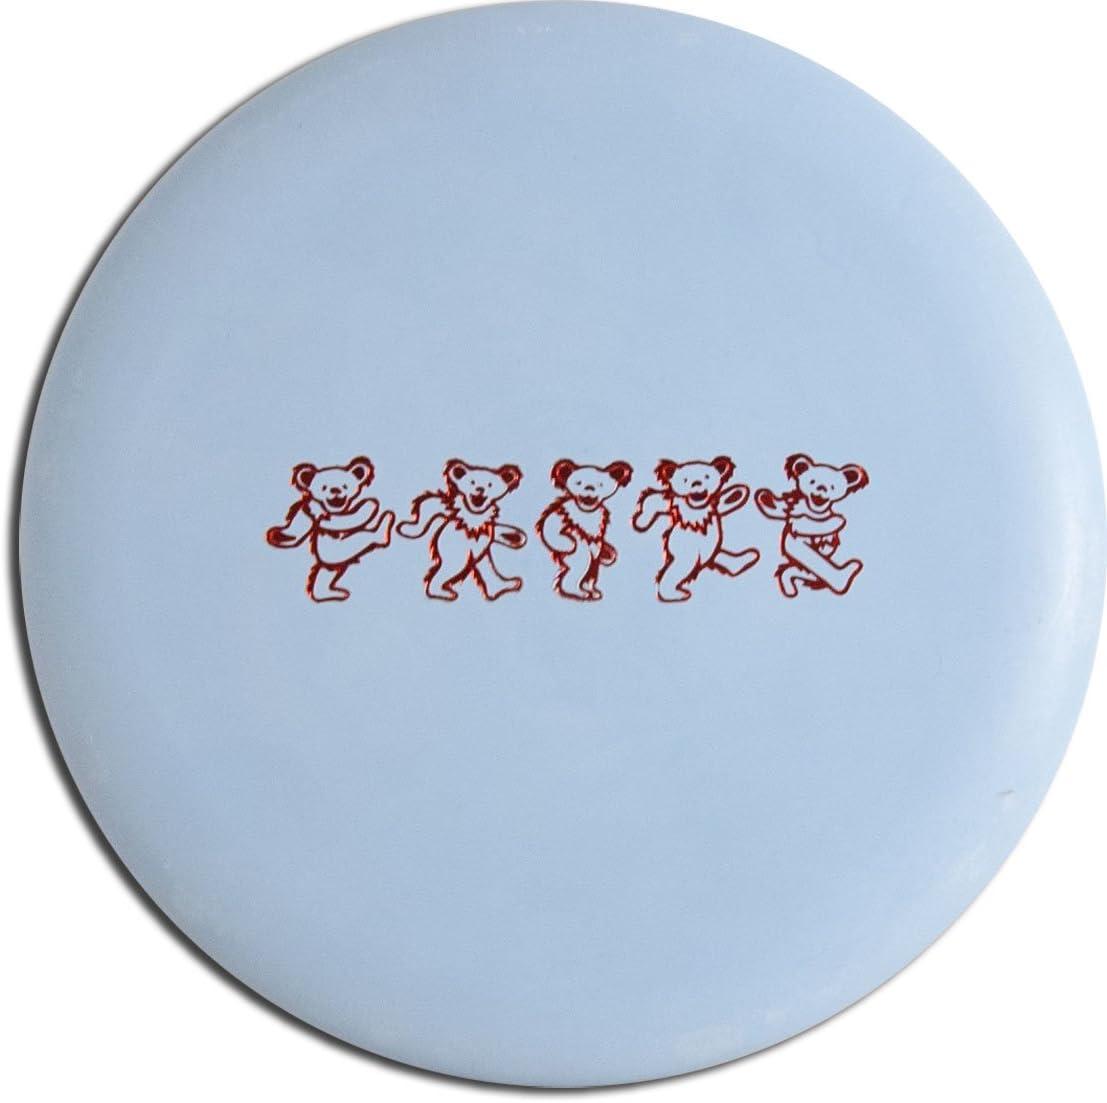 Gateway Bear Band Stamp Disc Golf Putter